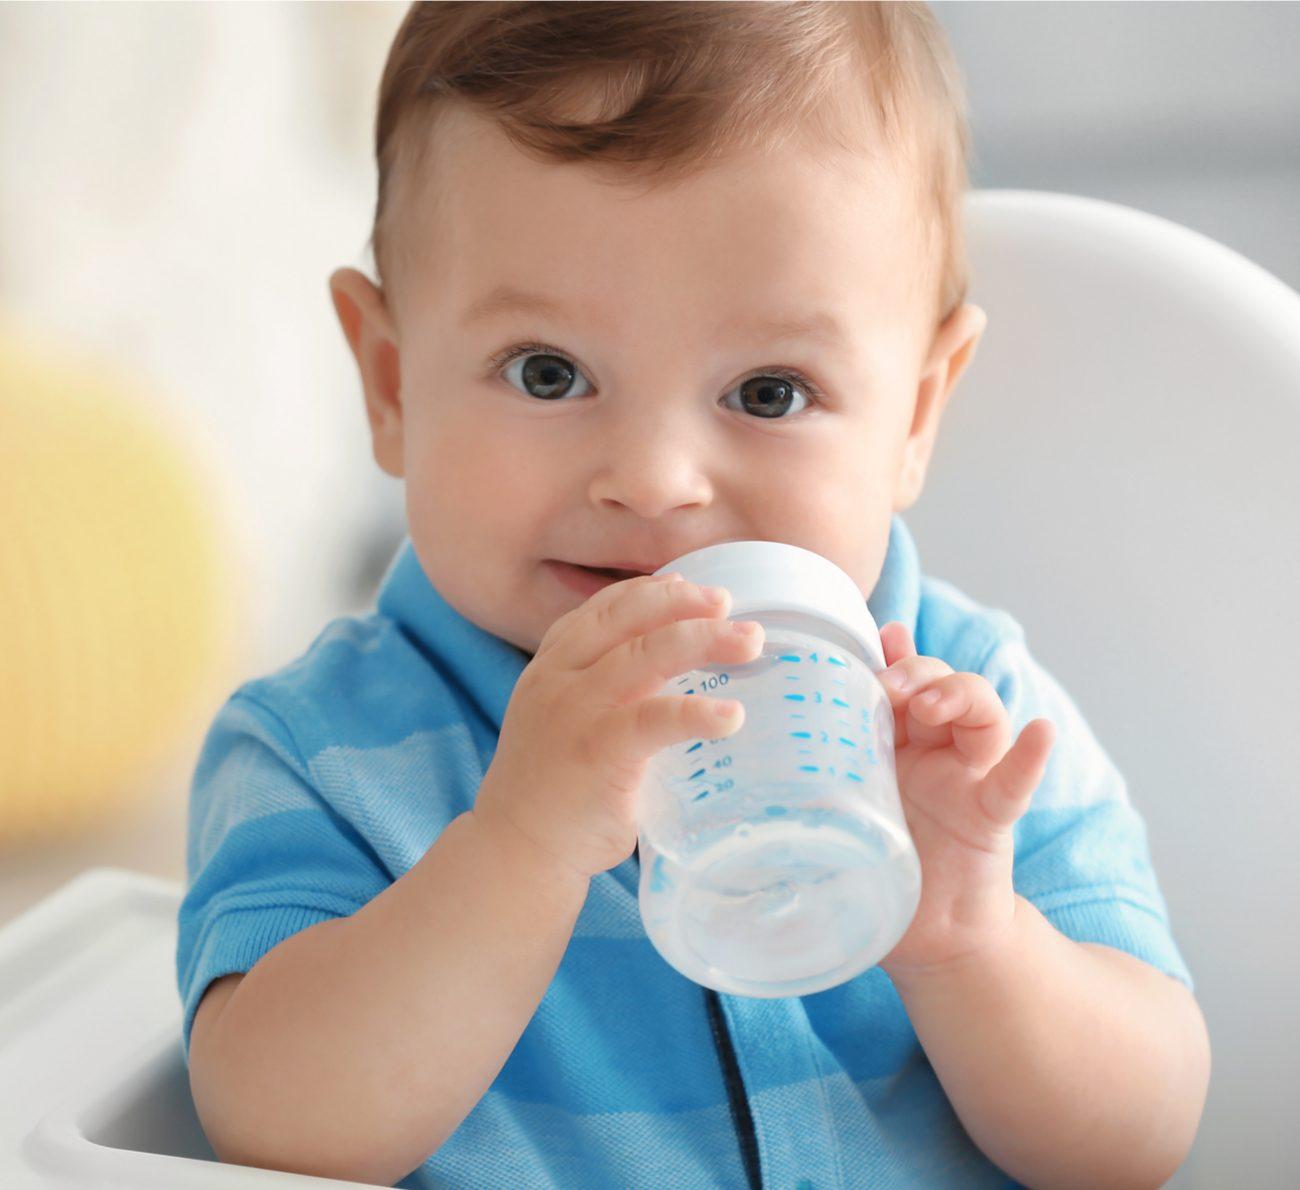 Beb pode tomar gua antes dos 6 meses - Tos bebe 6 meses ...